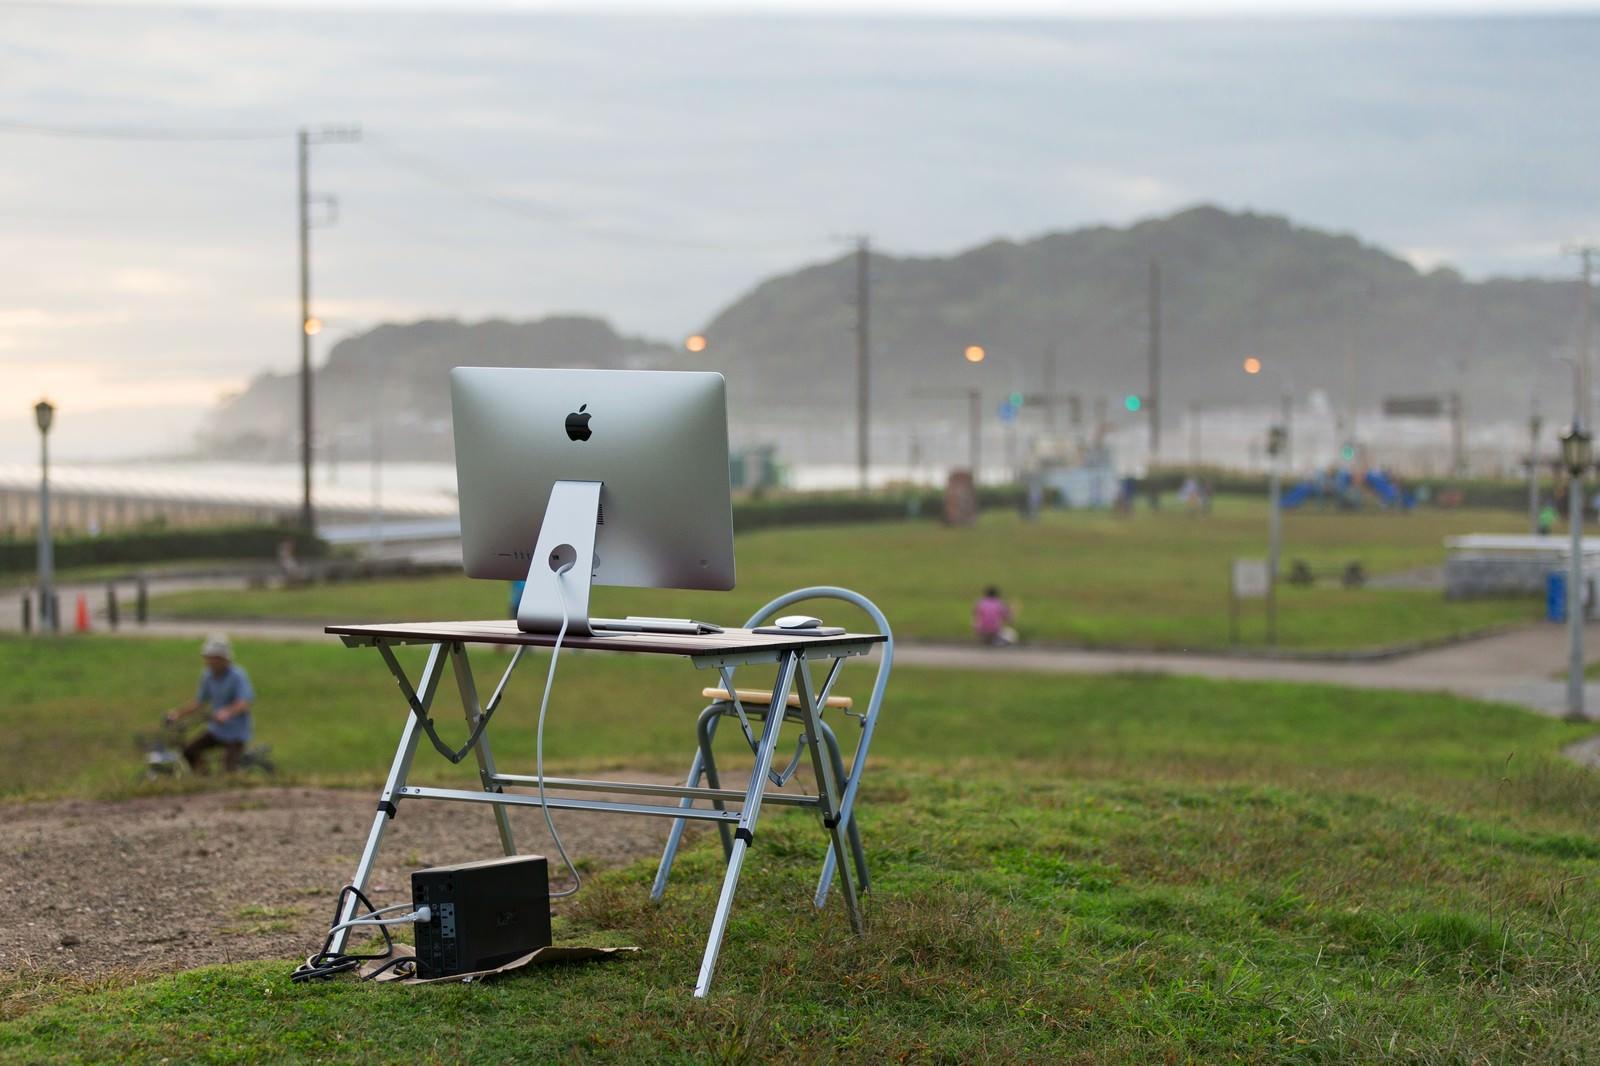 「逃げ出したエンジニアを待つデスクトップ逃げ出したエンジニアを待つデスクトップ」のフリー写真素材を拡大